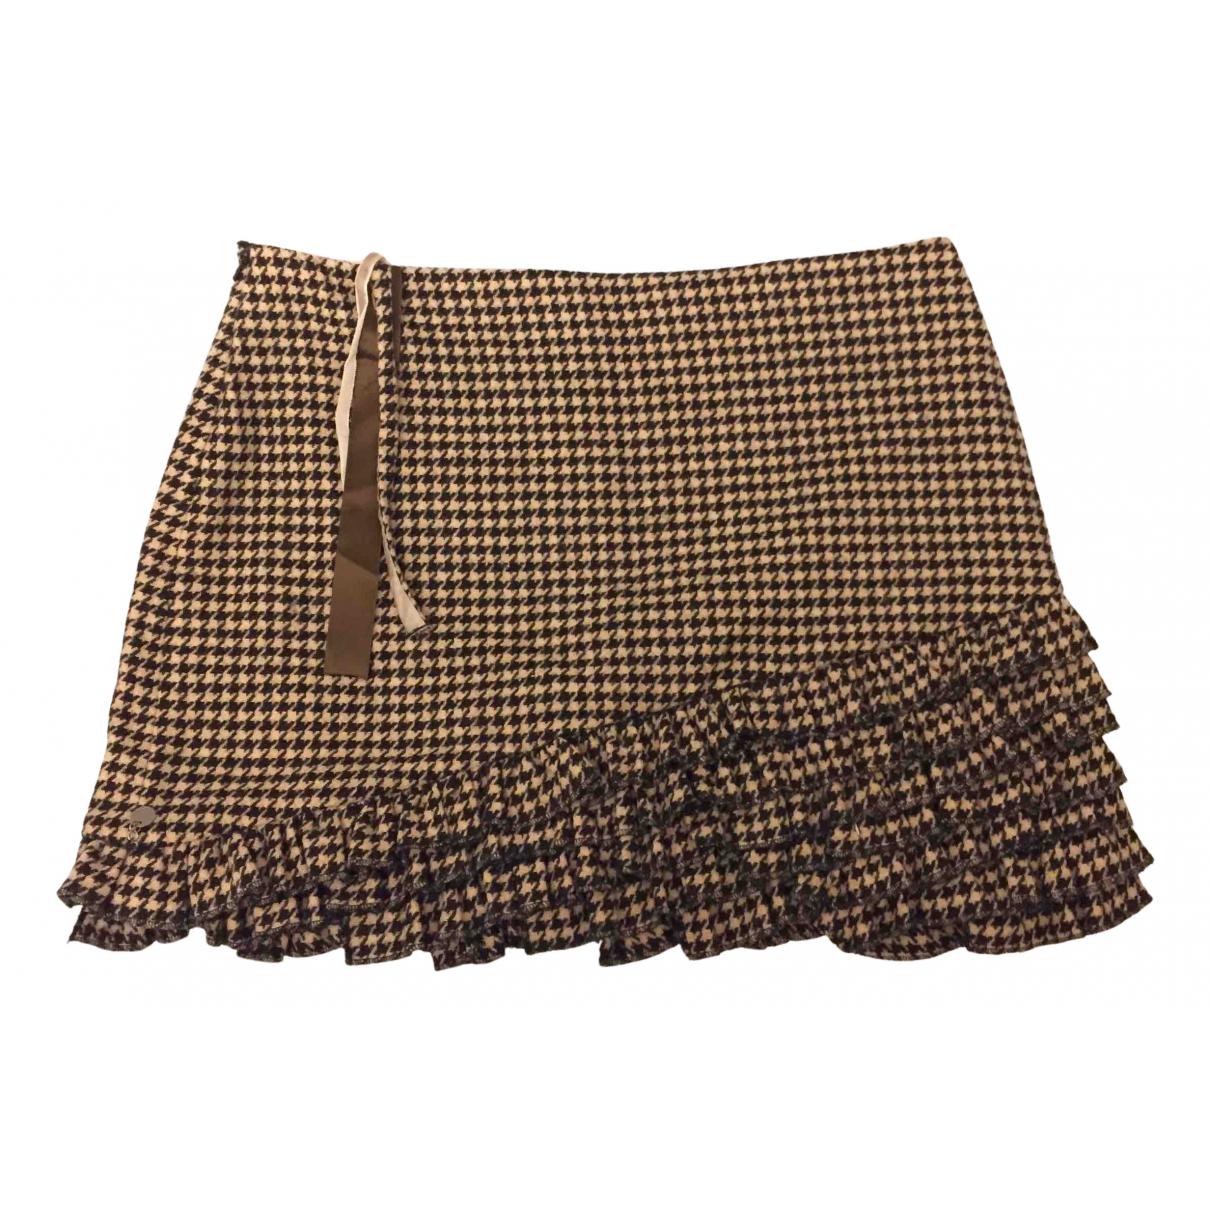 Ted Baker N Multicolour Wool skirt for Women 2 US